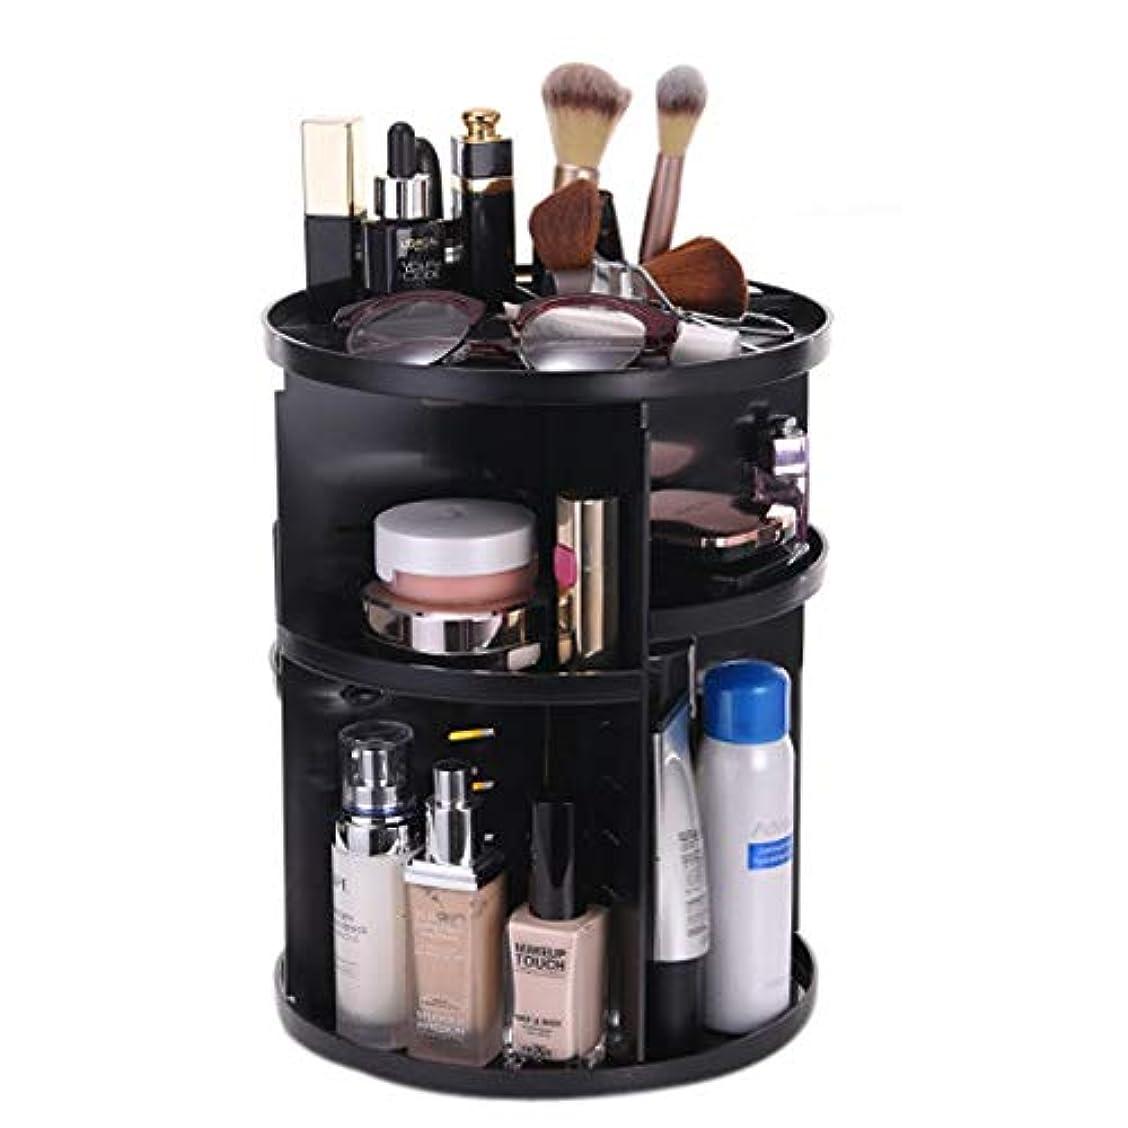 大頬骨事業winkong 化粧コスメ収納ボックス アブラック 化粧品収納 360度回転 調整可能 大容量 多機能 クリルケース メイクケース